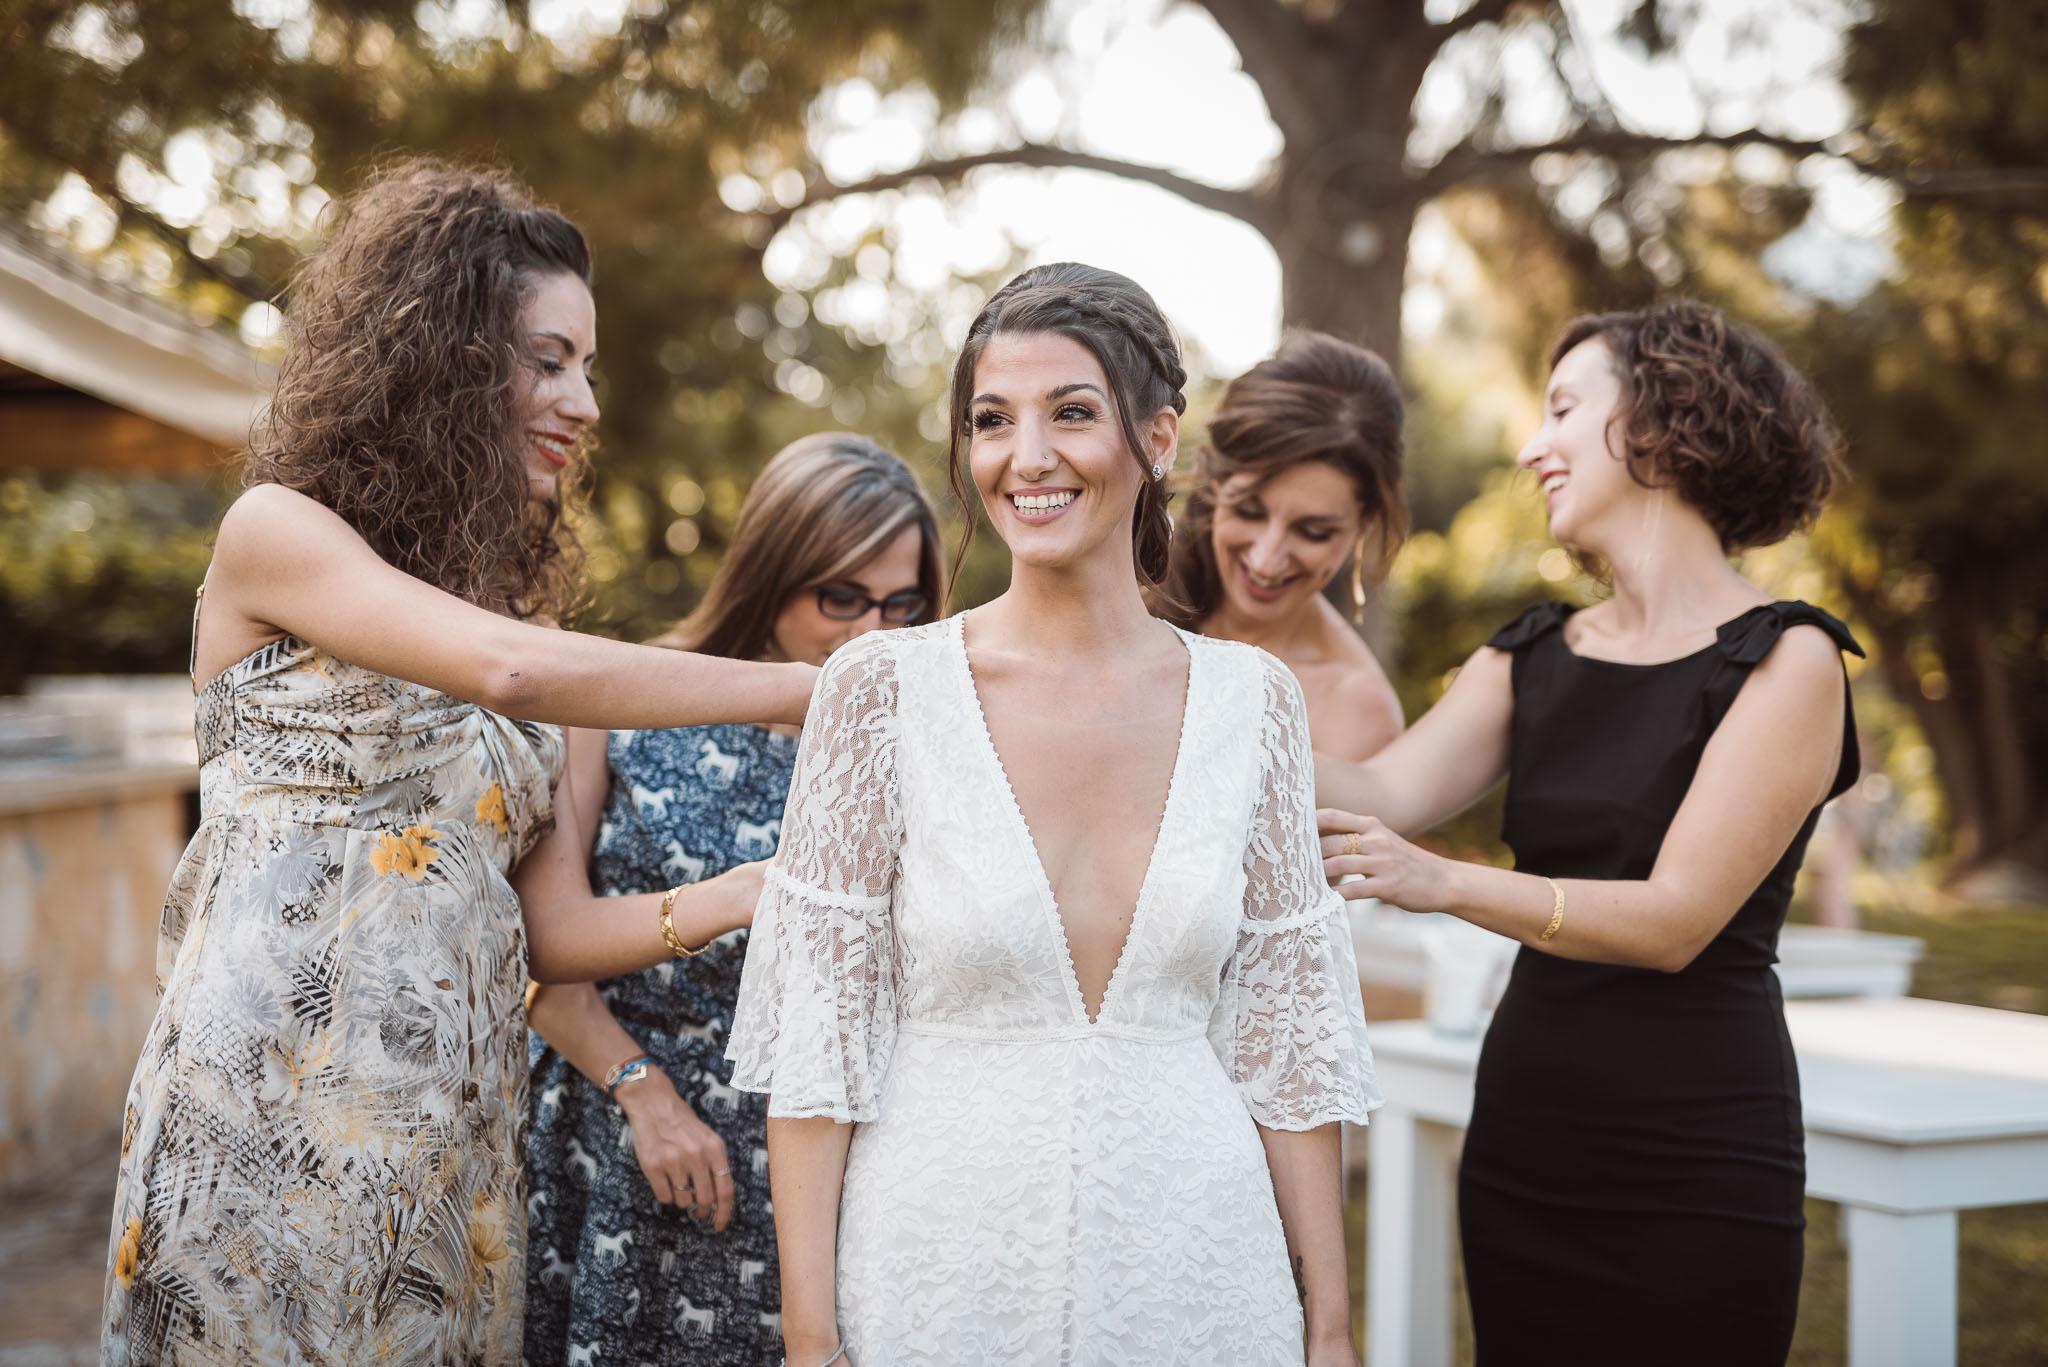 προετοιμασία νύφης νυφικό